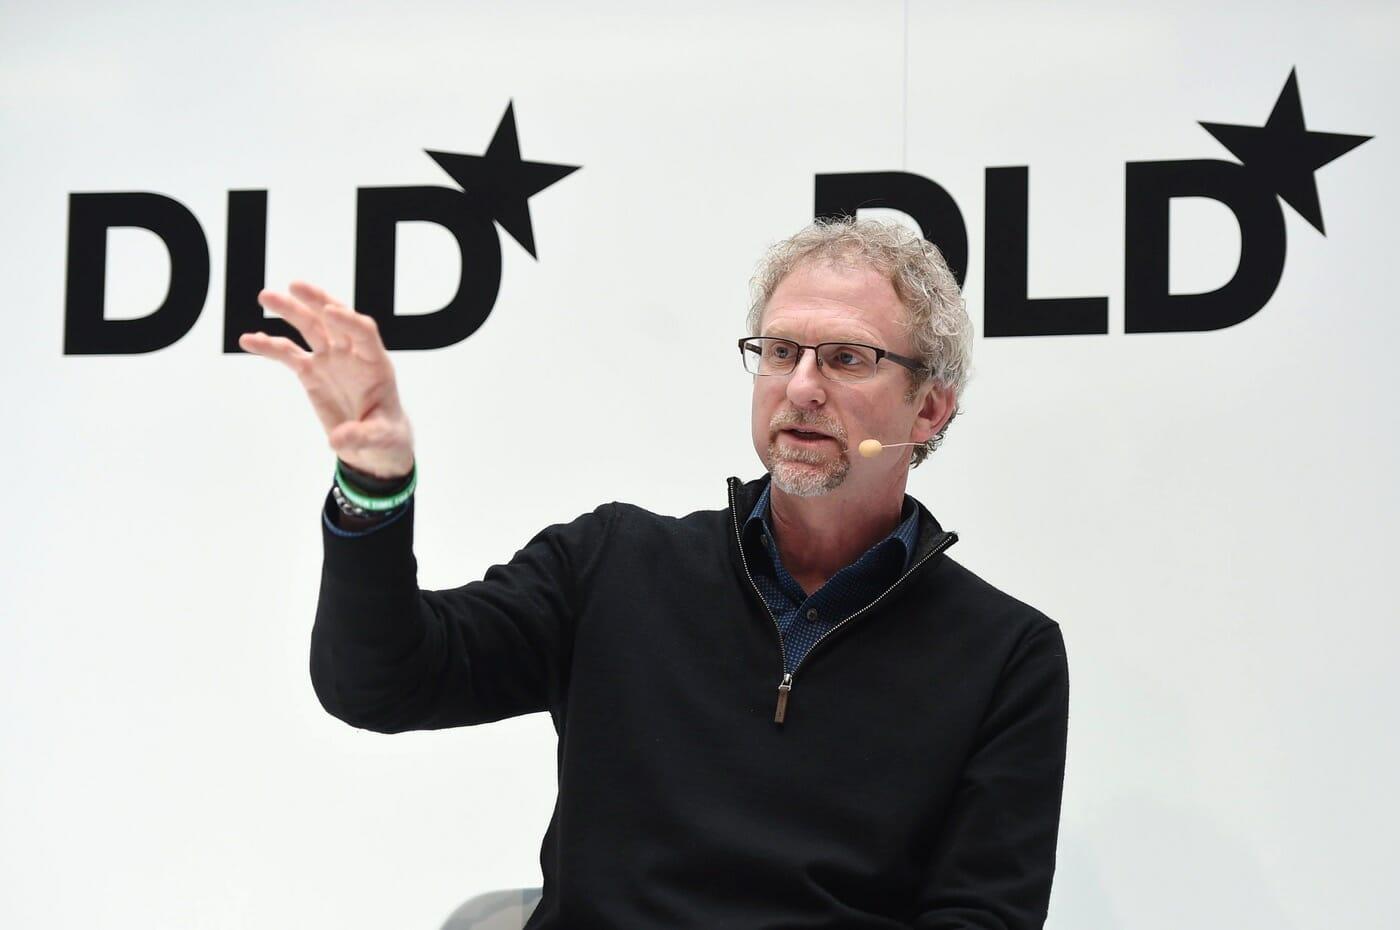 Paul Daugherty, Accenture, DLD Munich 2018